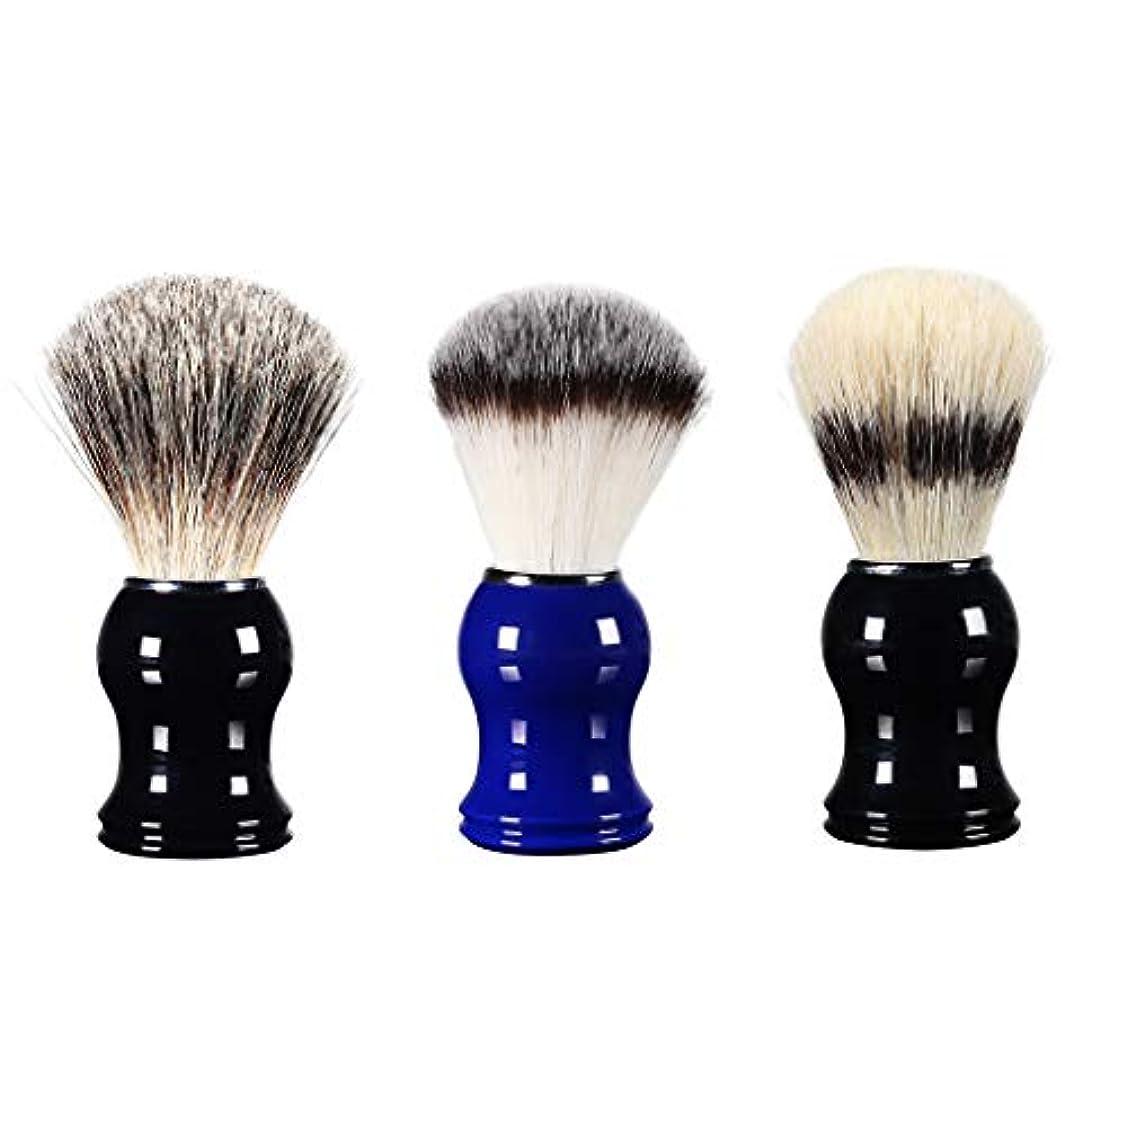 歴史的単独で義務的dailymall 3 Xプロのひげ剃りブラシ男性化粧品グルーミングツール樹脂ハンドル